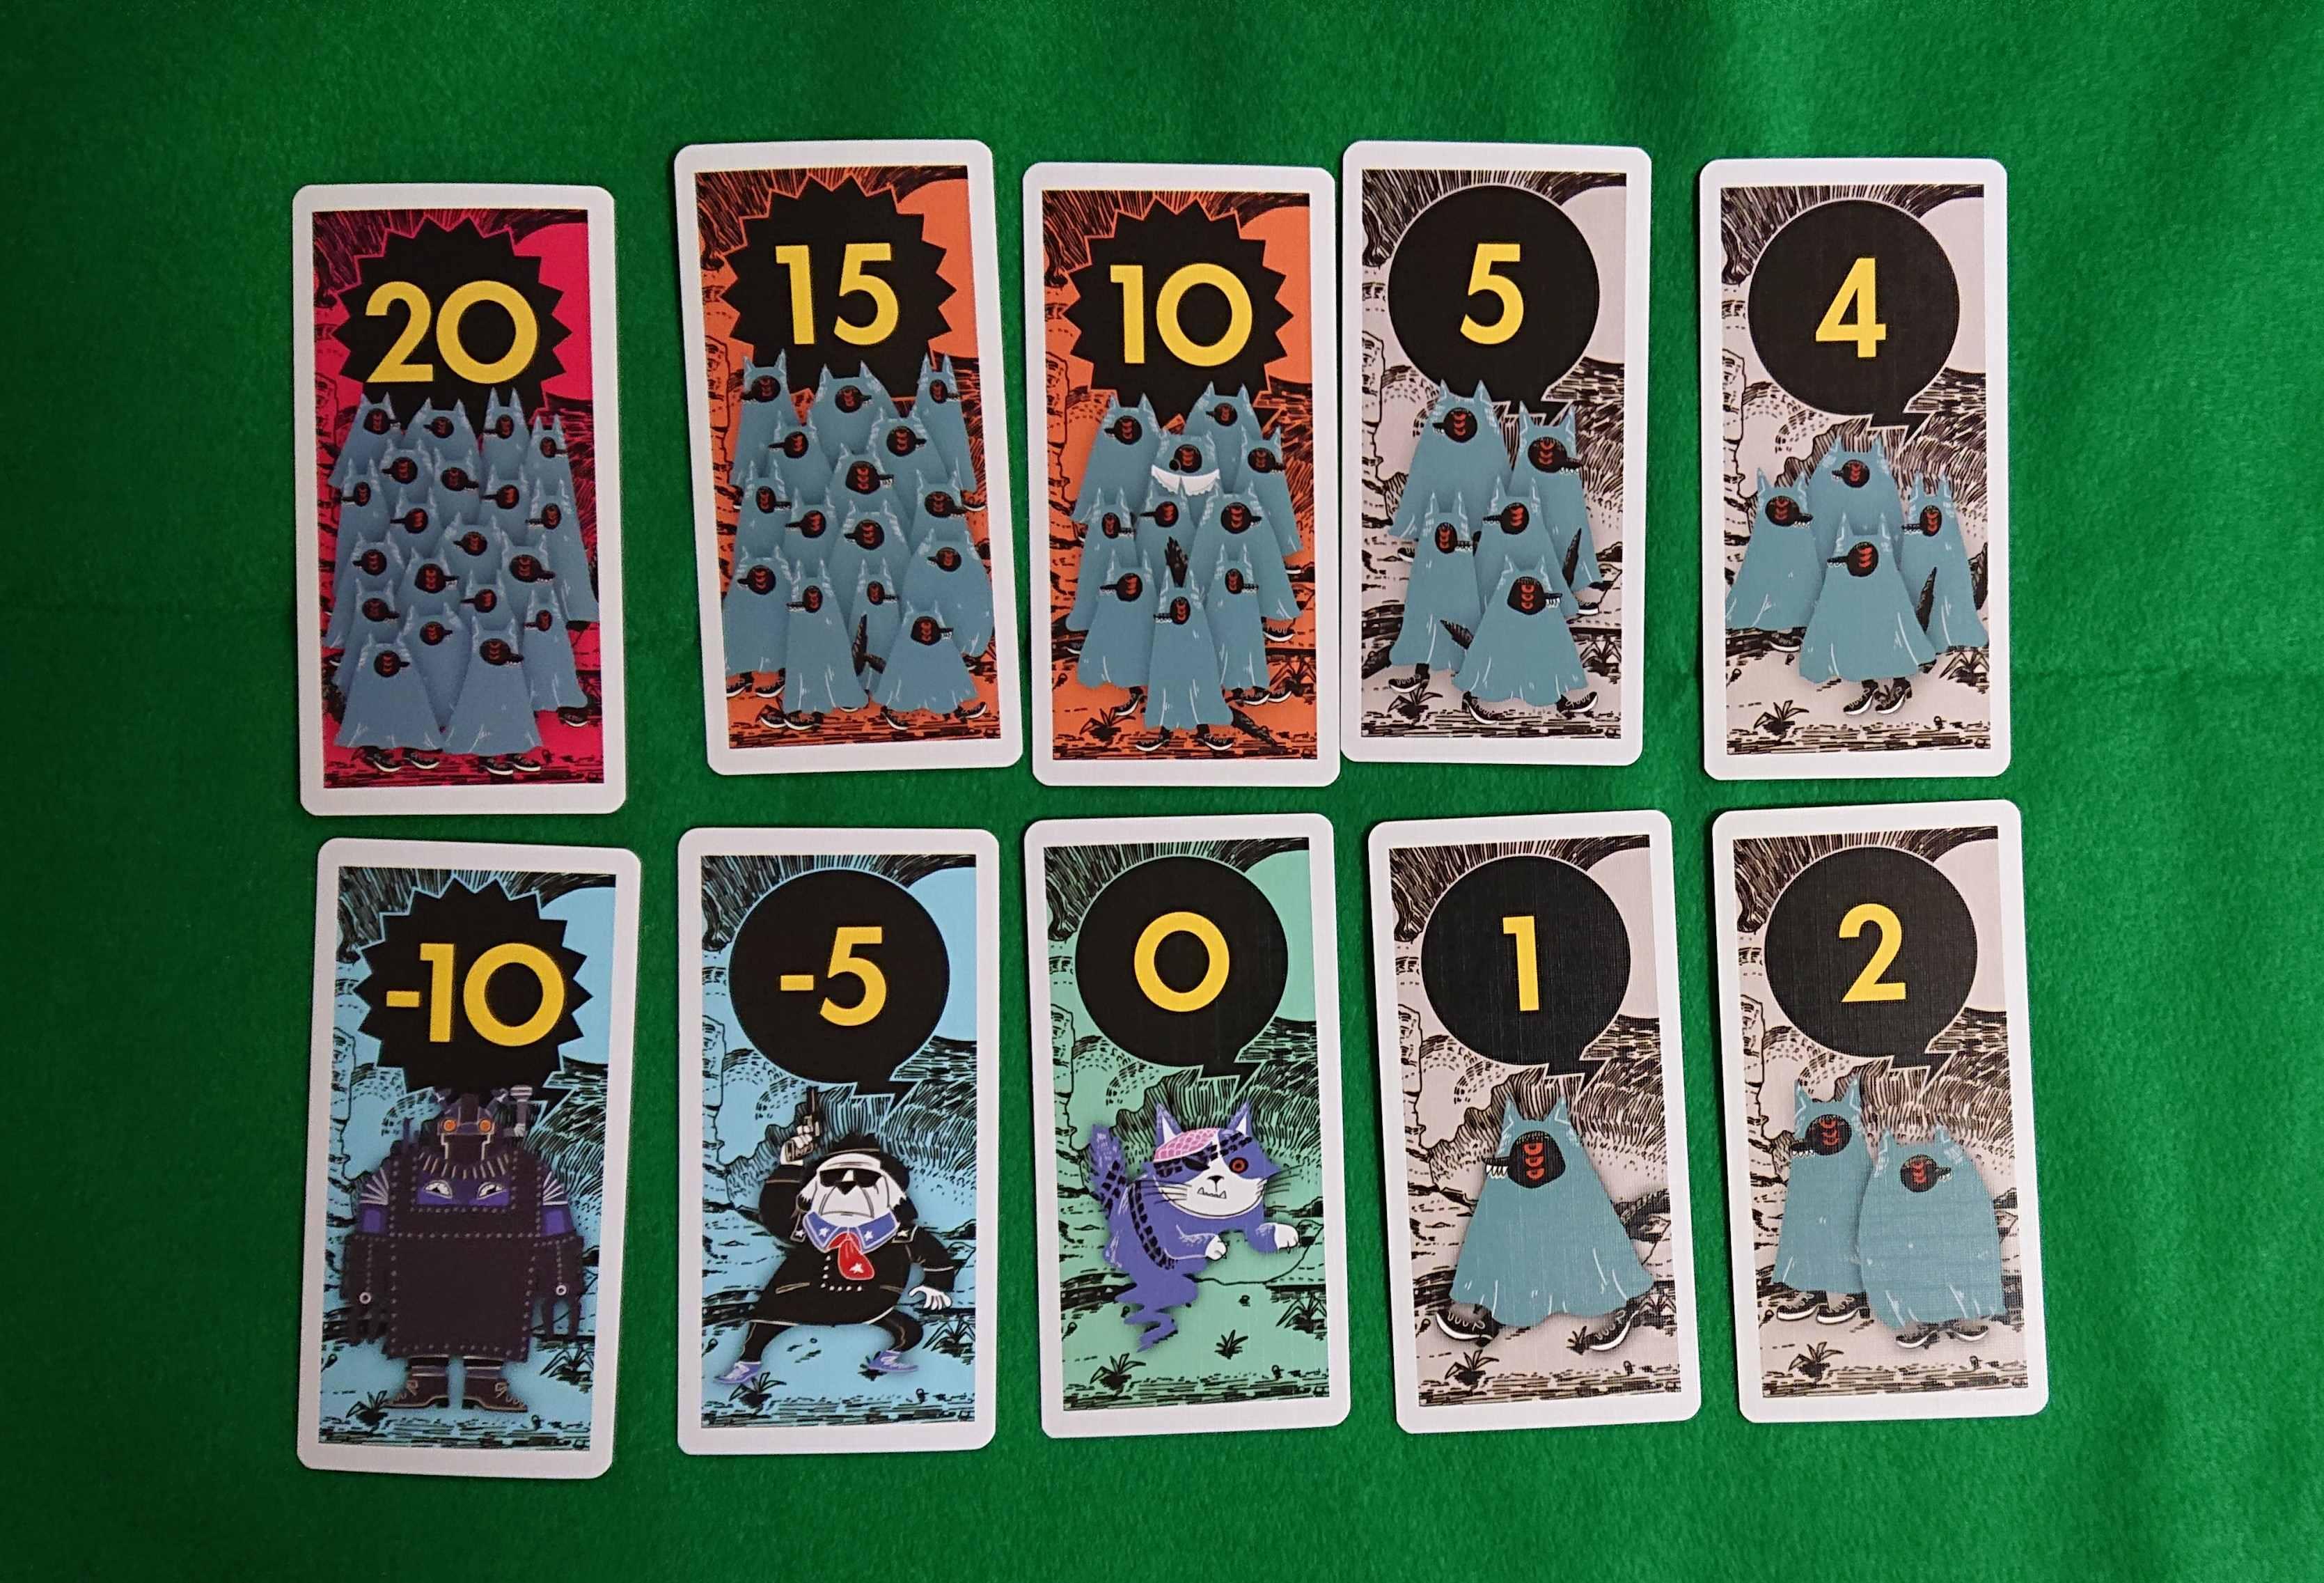 コヨーテ 傑作カードゲームです パーティゲームにピッタリ ボードゲームルール説明